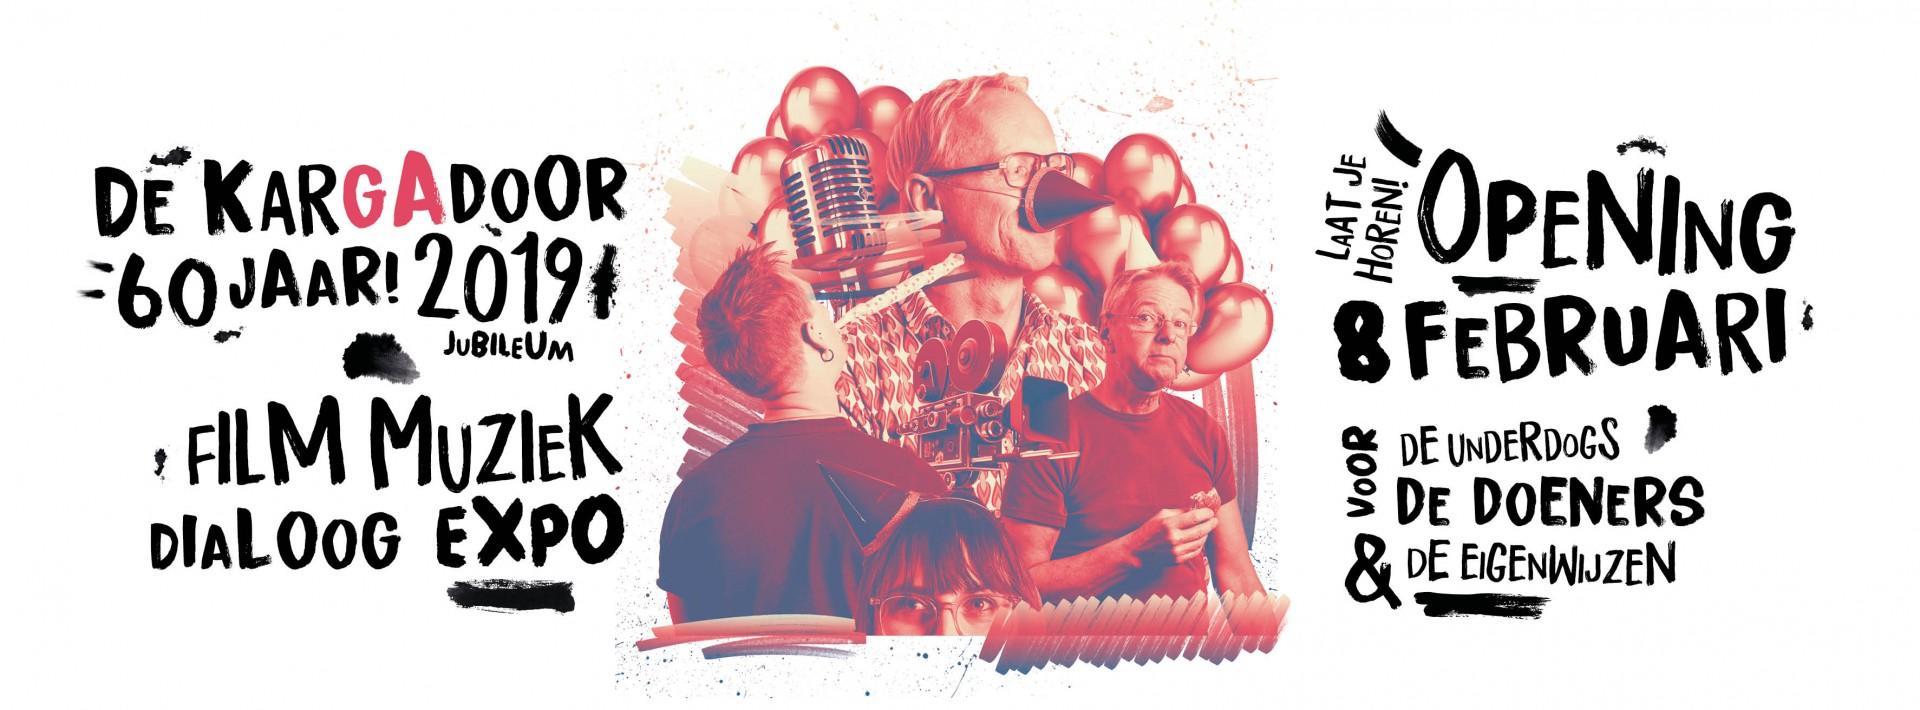 60 jaar De Kargadoor: Laat je horen!